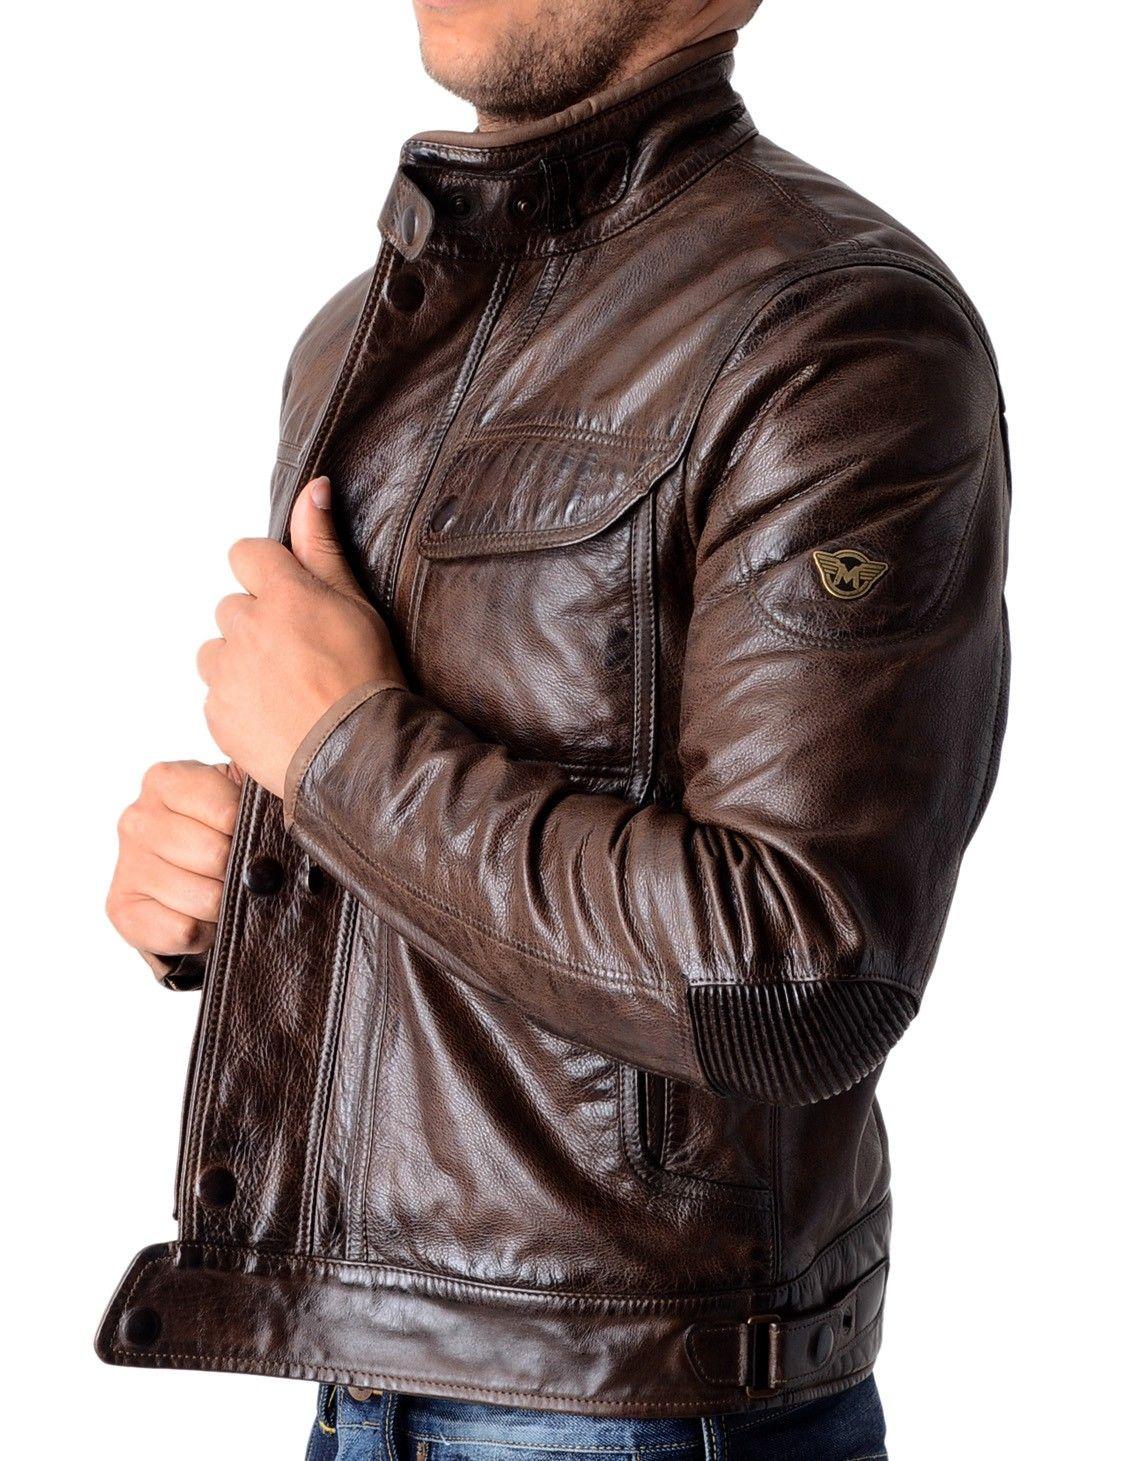 84df8d0f4b2df Matchless - Kensington Leather Blouson - AntiqueBrown   Accent Clothing